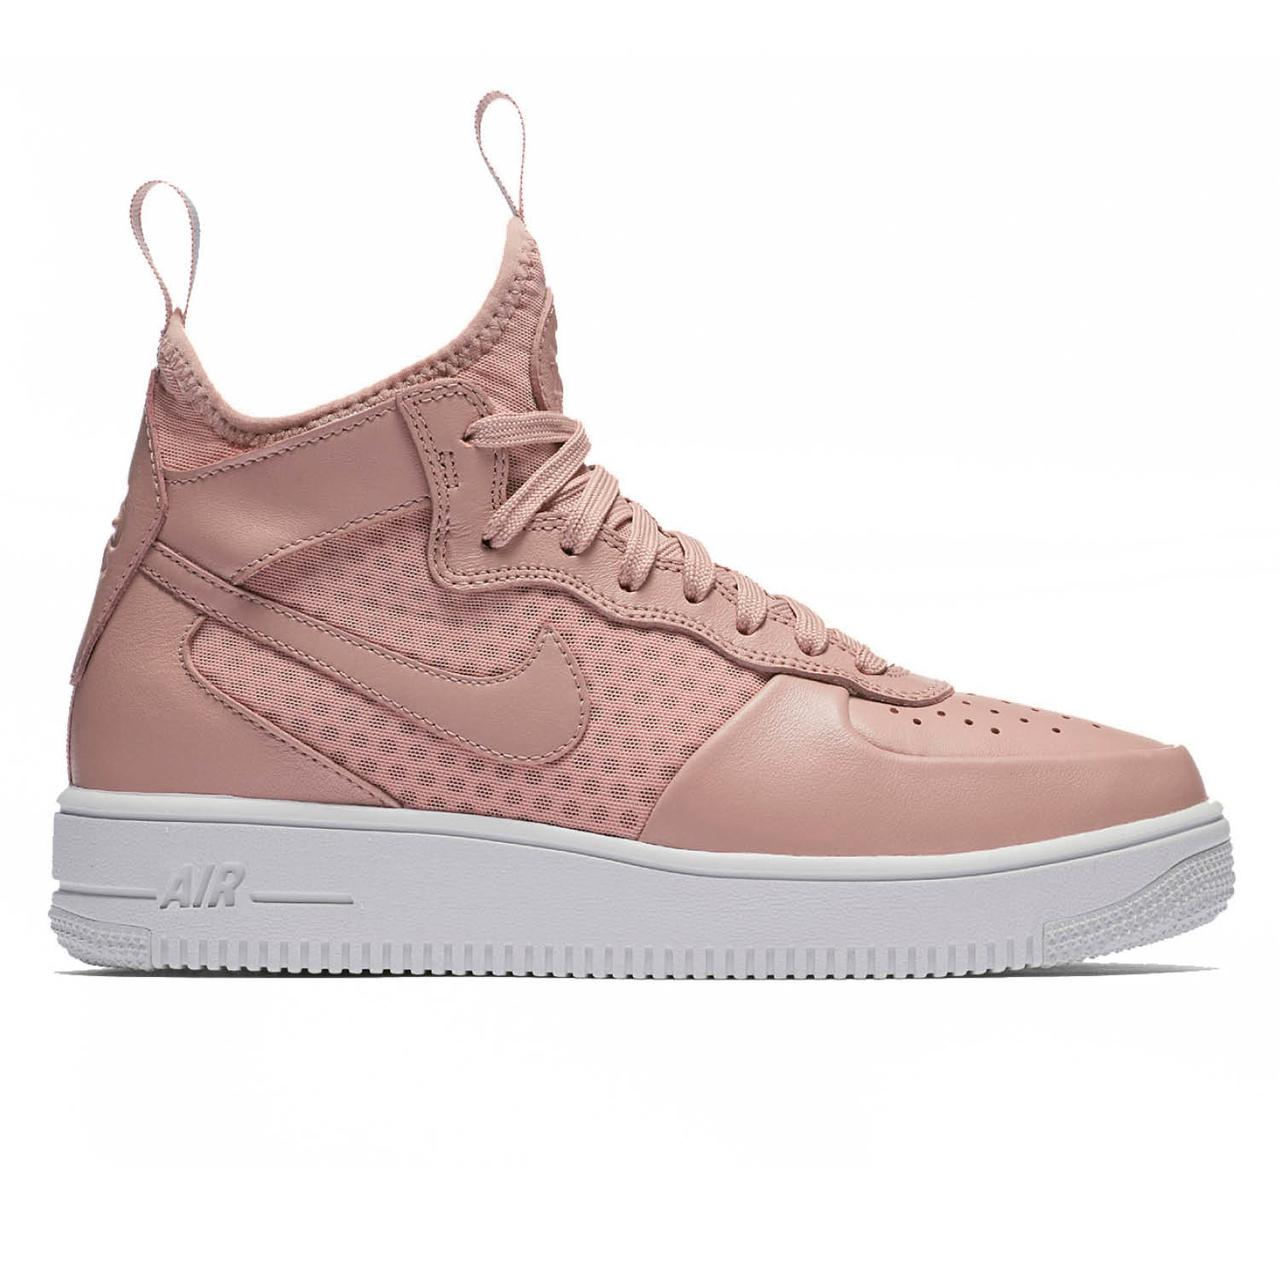 207c75c3525287 Оригинальные Кроссовки Nike Air Force 1 Ultraforce Mid Particle Pink ...